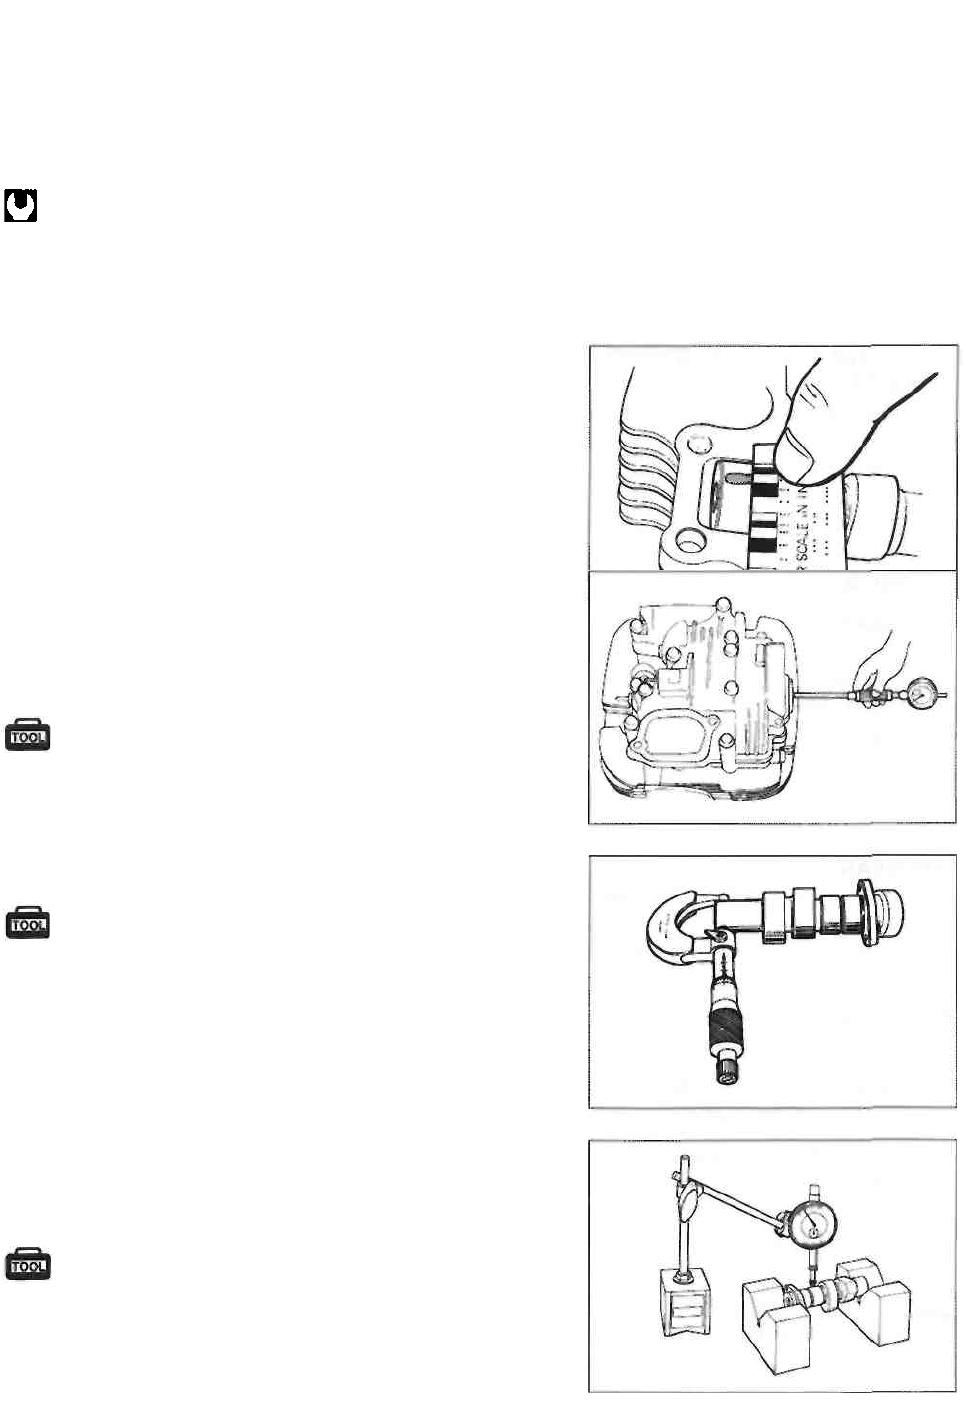 Suzuki Gz250 Users Manual